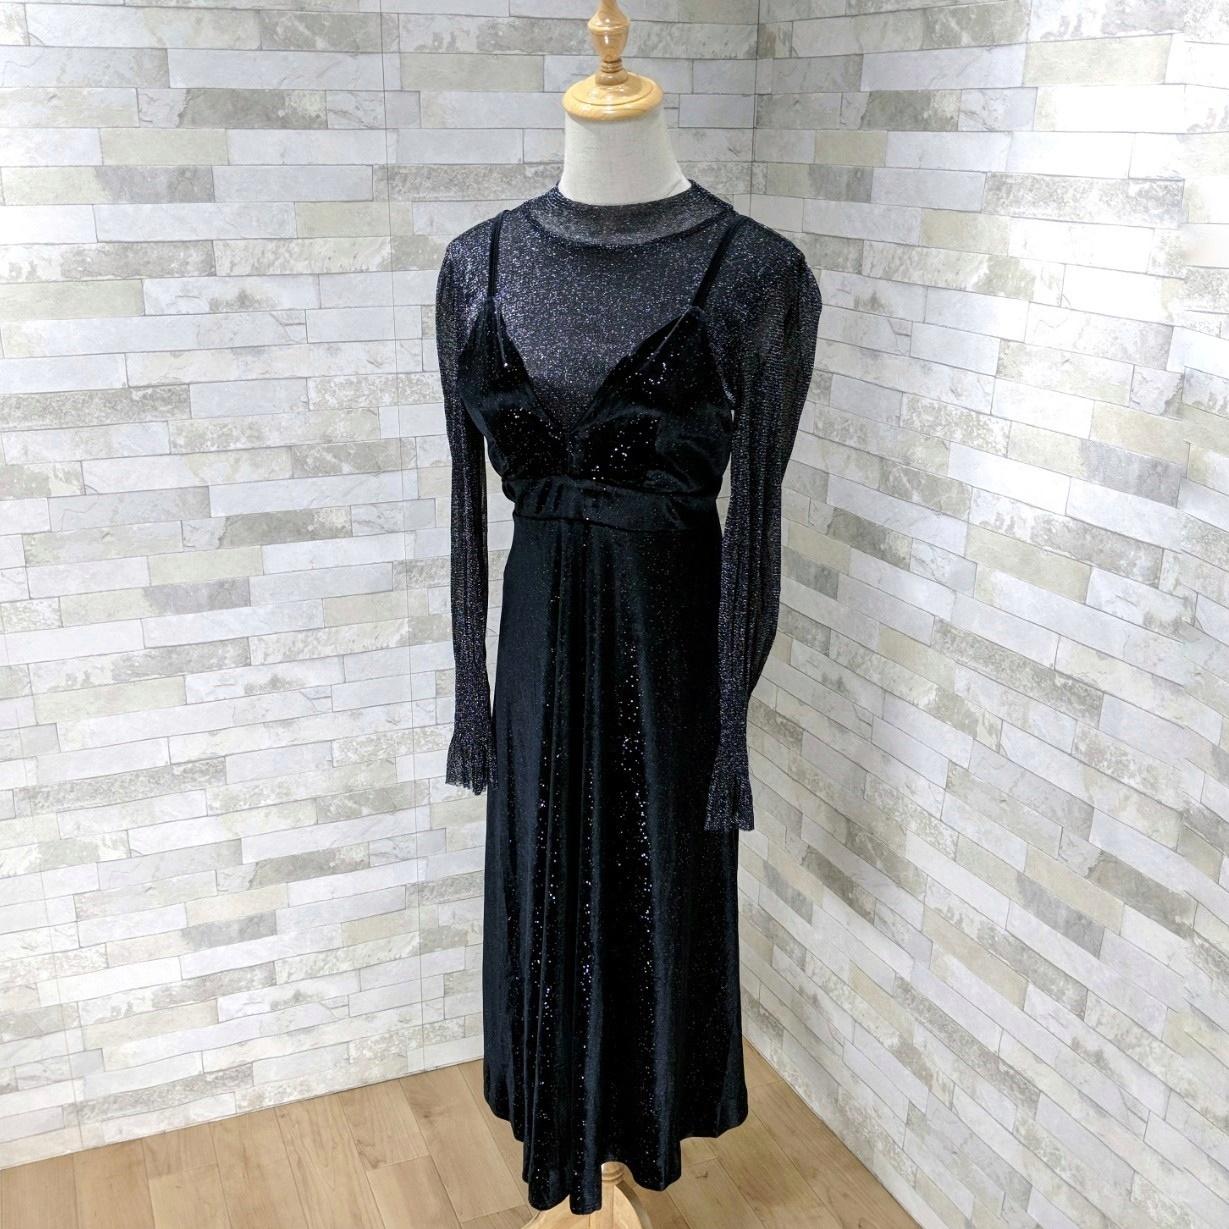 【即納】韓国 ファッション パーティードレス 結婚式 お呼ばれドレス セットアップ 春 秋 冬 パーティー ブライダル SPTXG143  シースルー ロングカフス キャミワ 二次会 セレブ きれいめの写真11枚目